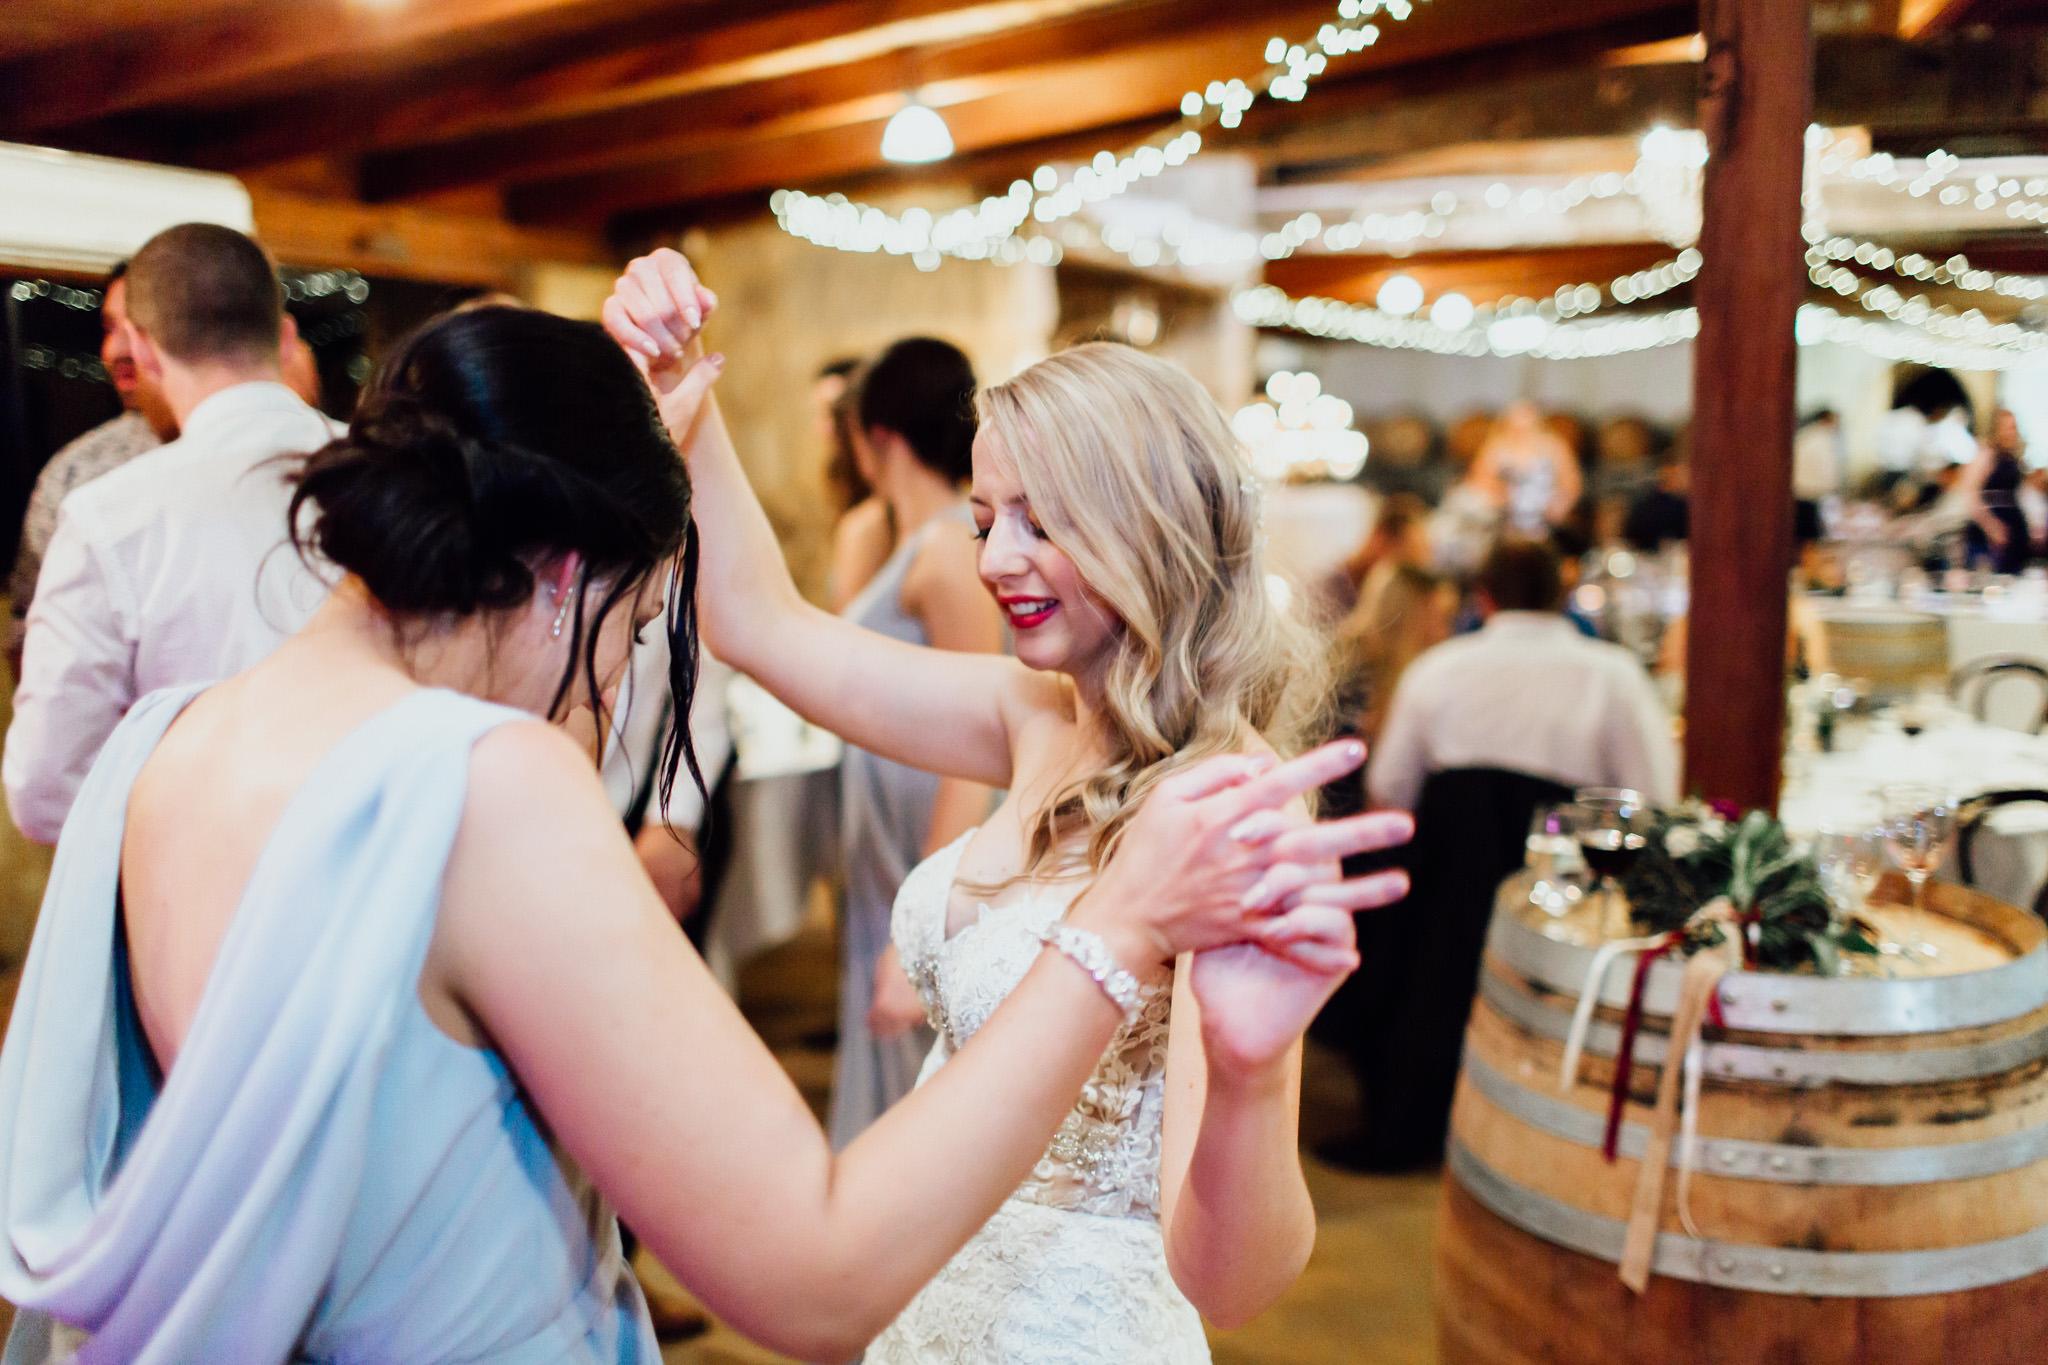 WeddingPhotos_Facebook_2048pixels-1174.jpg